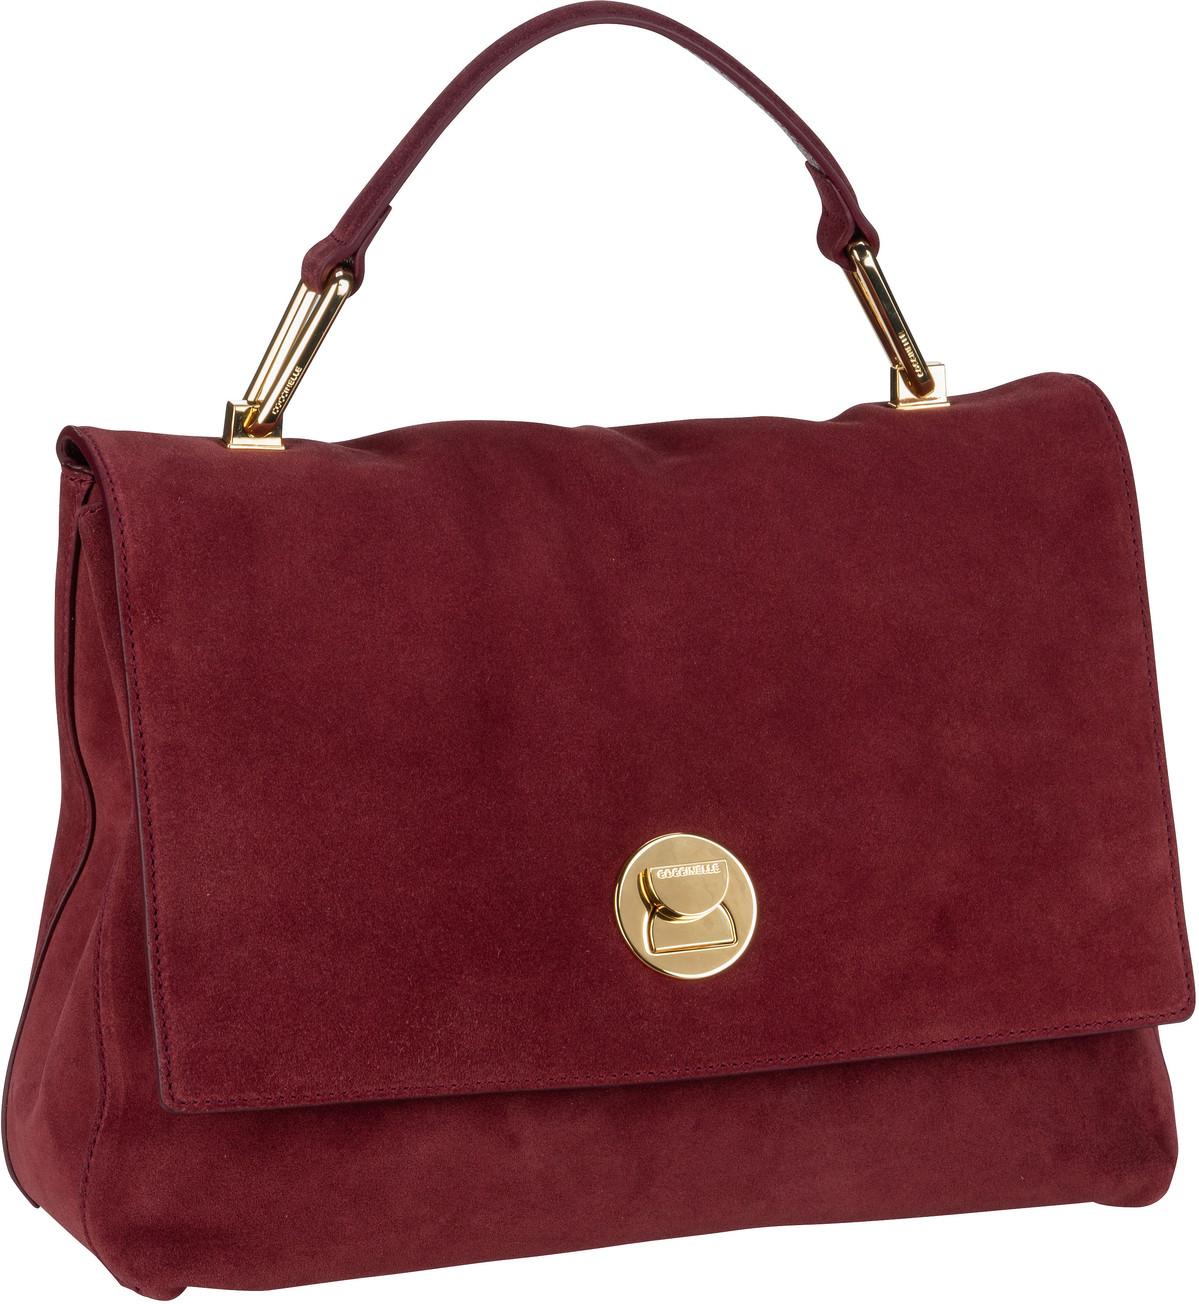 Handtasche Liya Suede 1801 Marsala